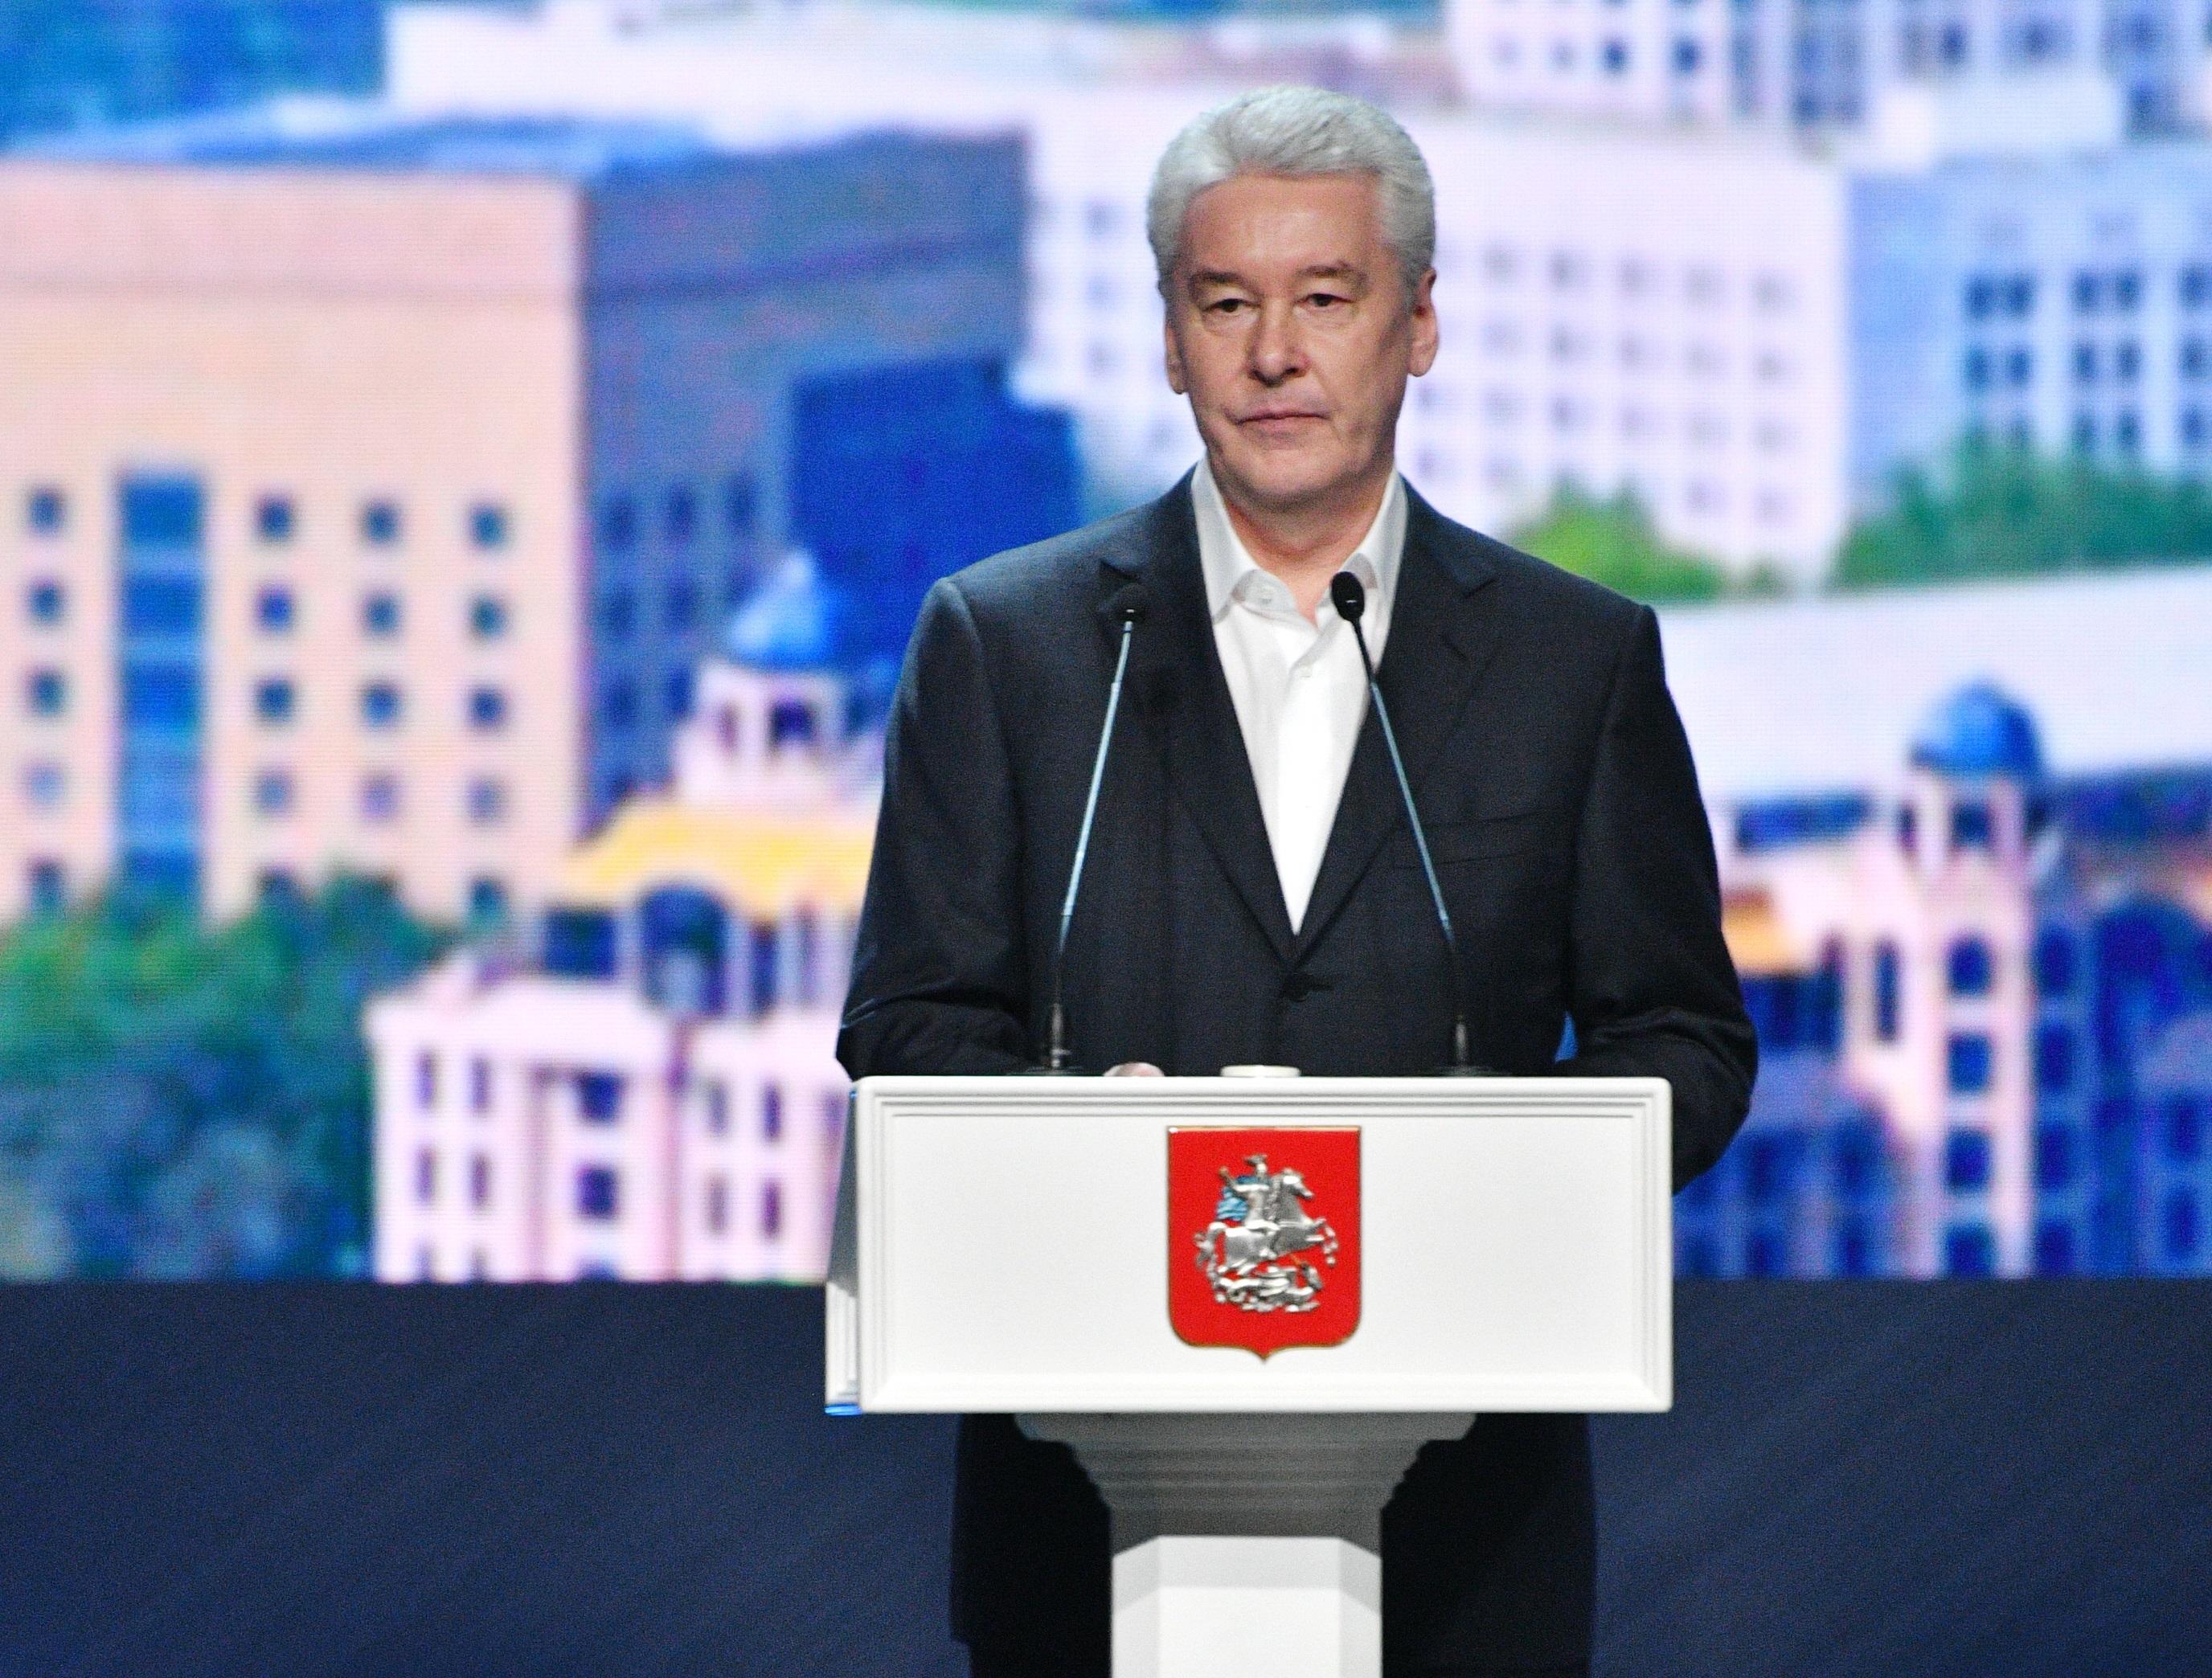 Сергей Собянин подписал документ о формировании ТПУ «Рассказовка»